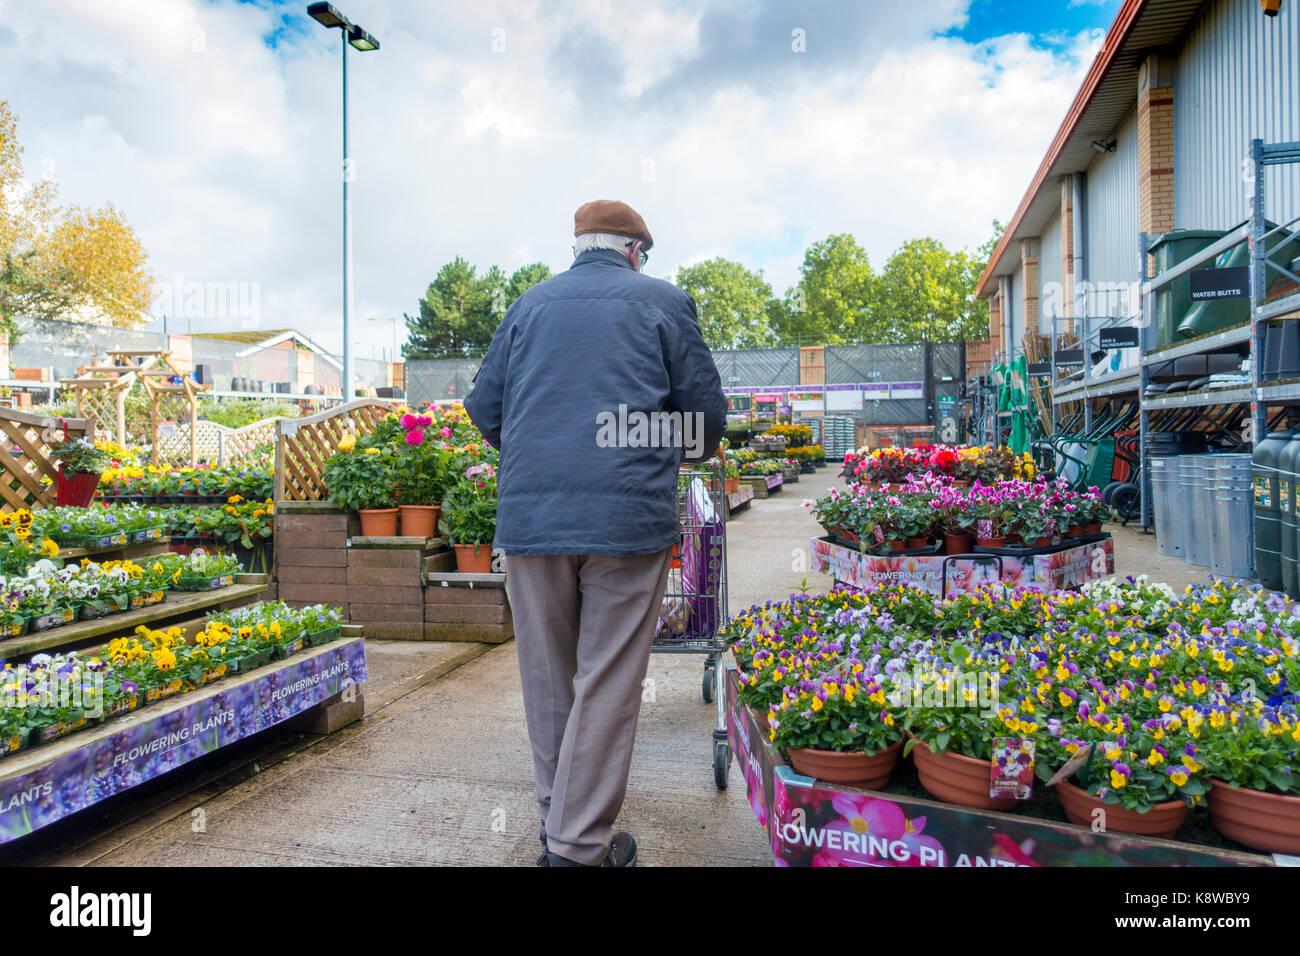 Ältere Menschen im Ruhestand Mann zu Fuß mit einem Einkaufswagen im Garten Abschnitt in voller Blüte Stockbild